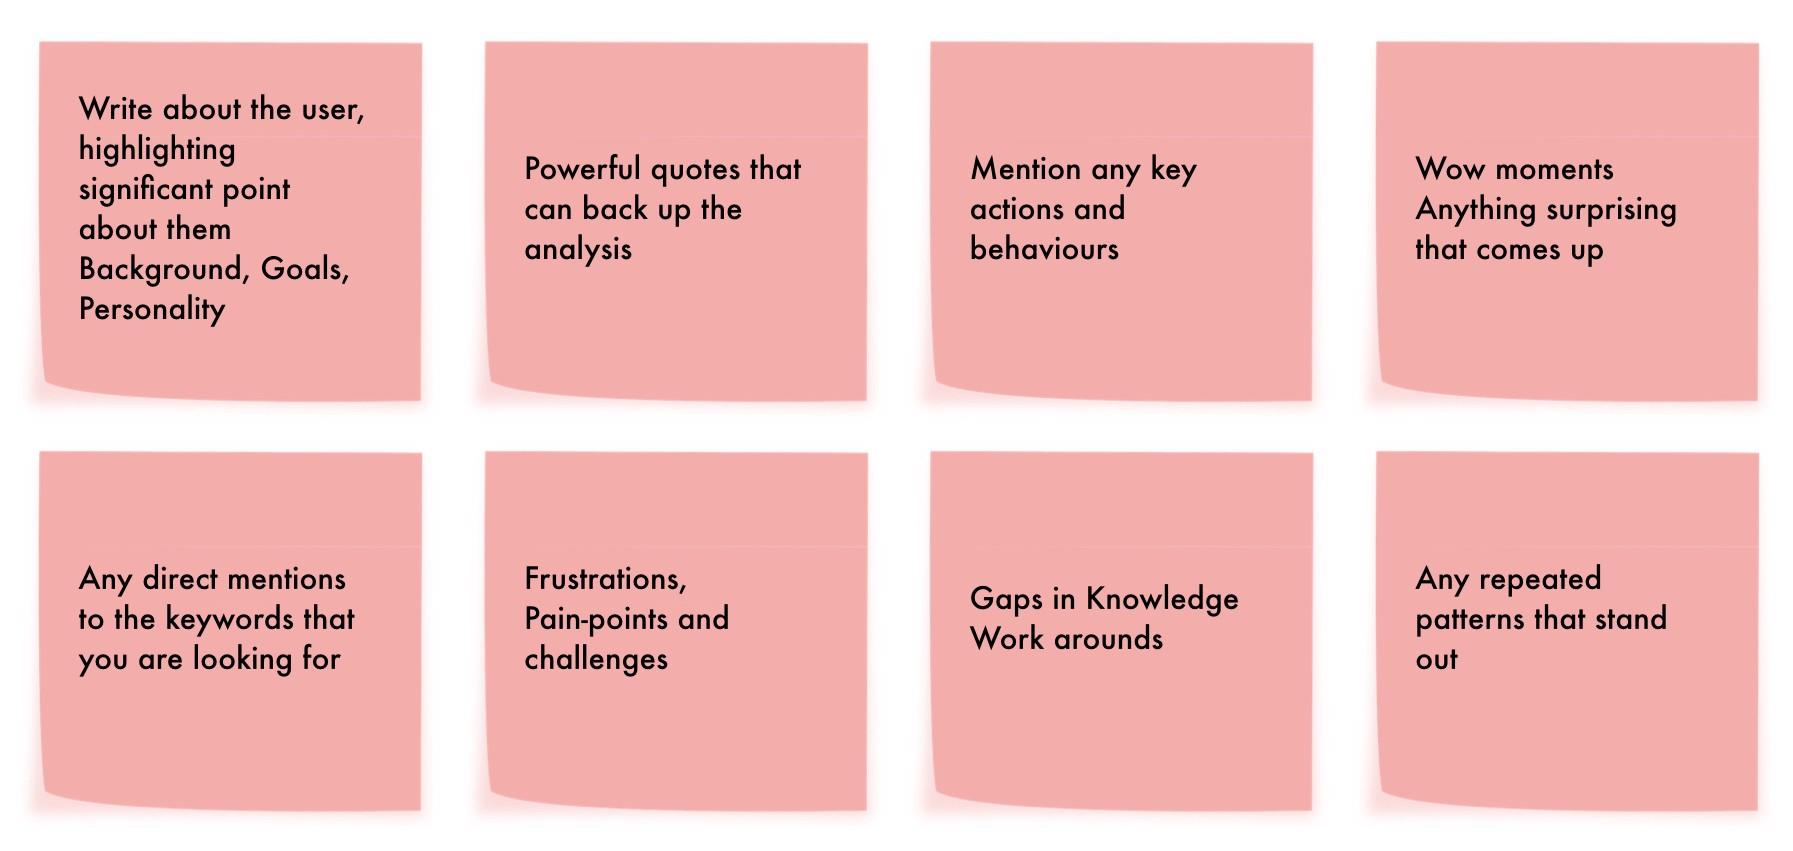 À propos de l'utilisateur, citations, actions et comportements, moments de surprise, frustrations, mots clés de l'étude